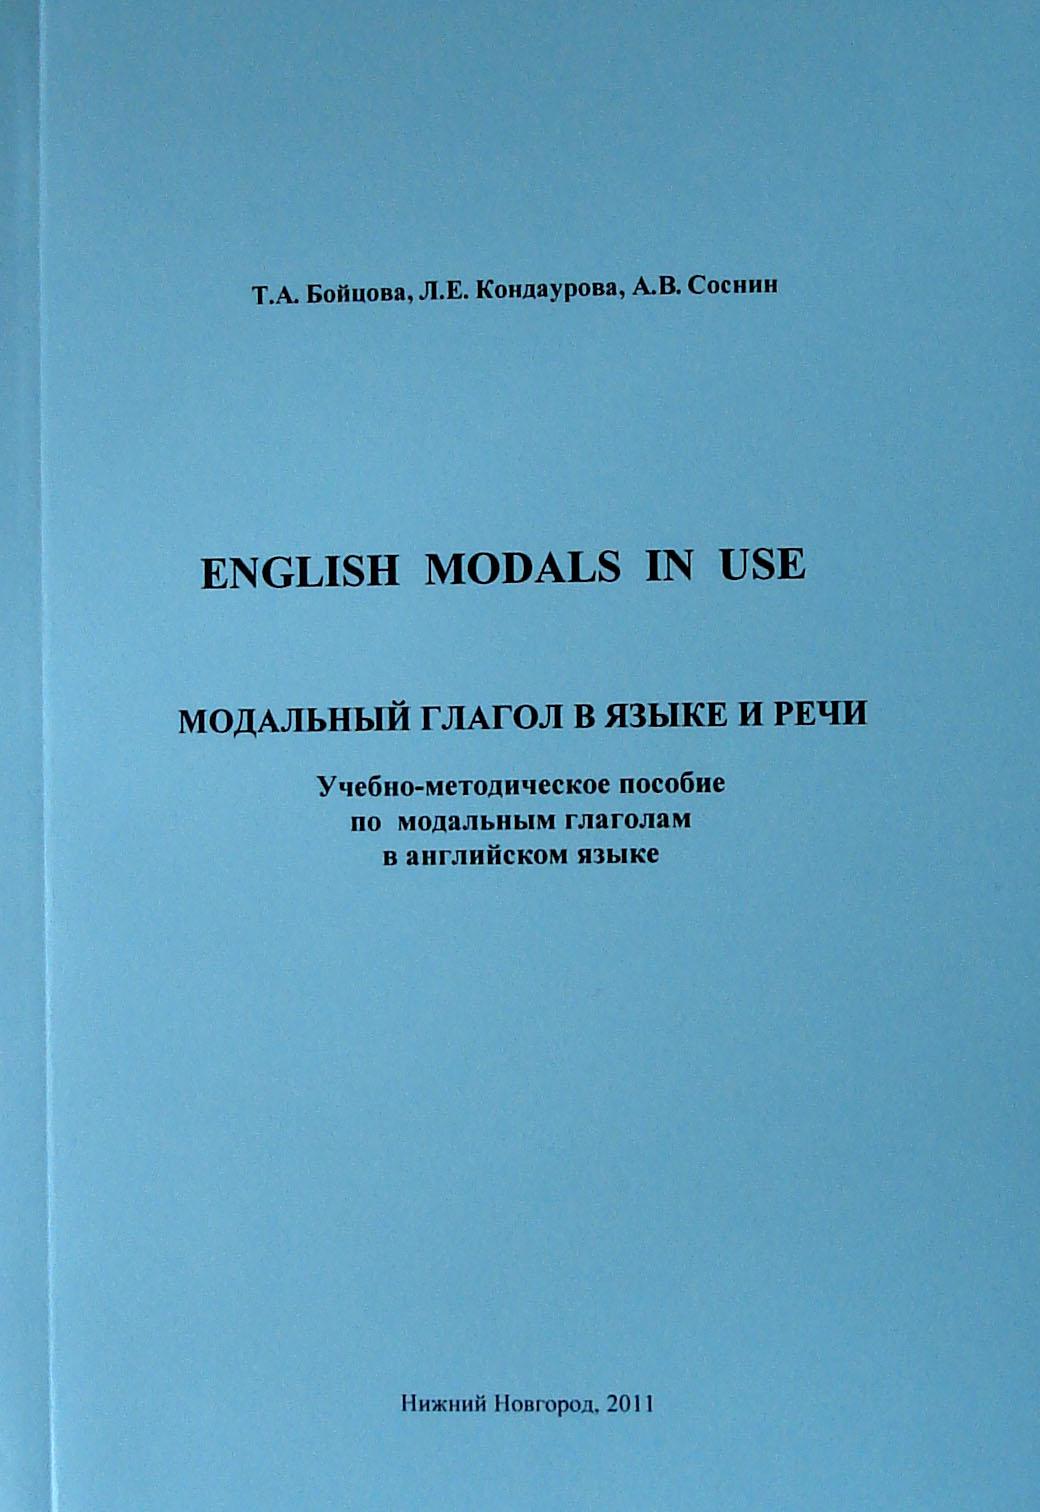 English Modals in Use – Модальный глагол в языке и речи: Учебно-методическое пособие по модальным глаголам в английском языке